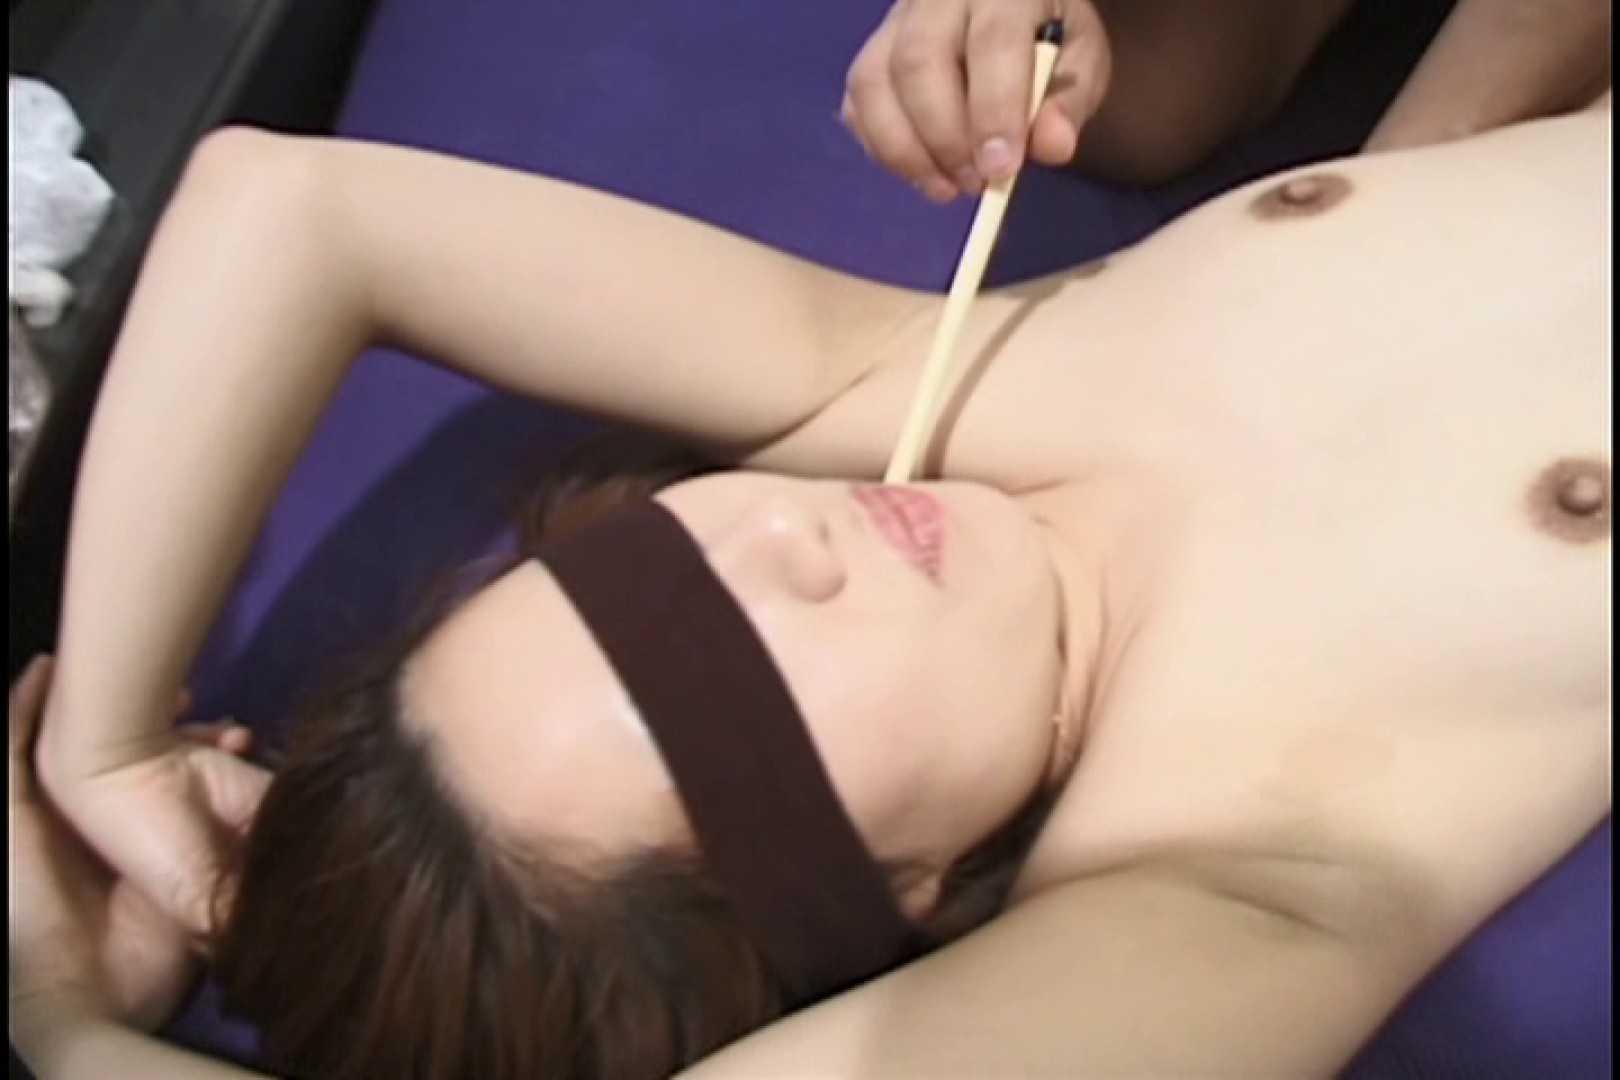 昼間の奥様は欲求不満 ~本山江利子~ 人妻のエッチ | 熟女のエッチ  61pic 31